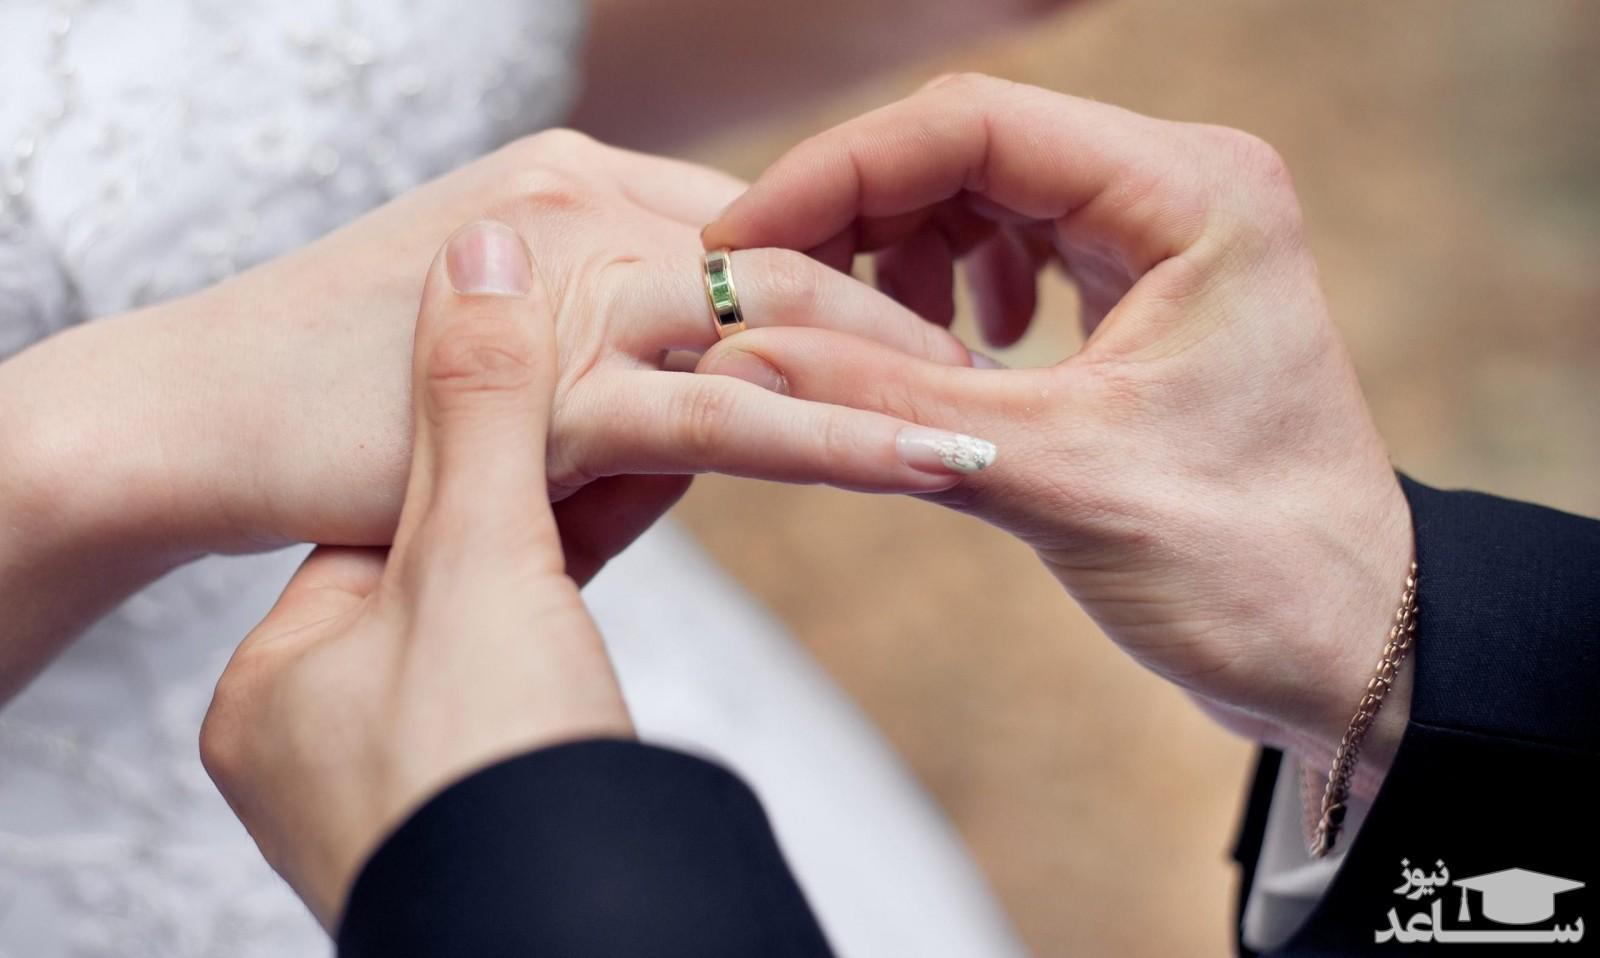 ازدواجی عاشقانه؛عاقلانه!